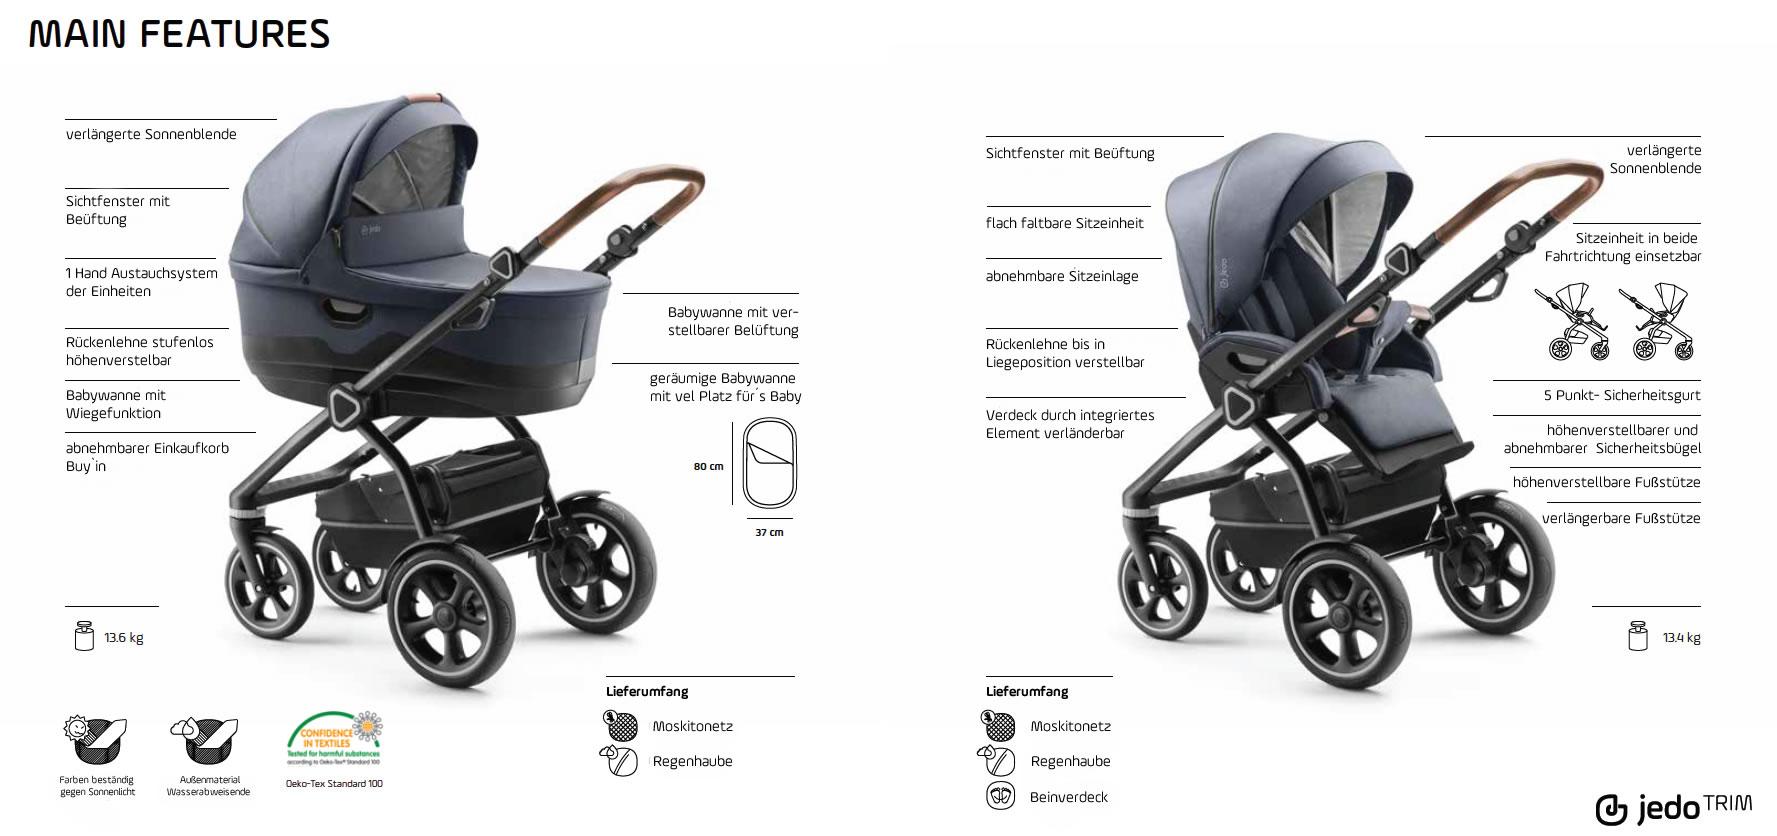 Jedo Trim M-line Kombi-Kinderwagen 2 in 1 ohne Babyschale / M2